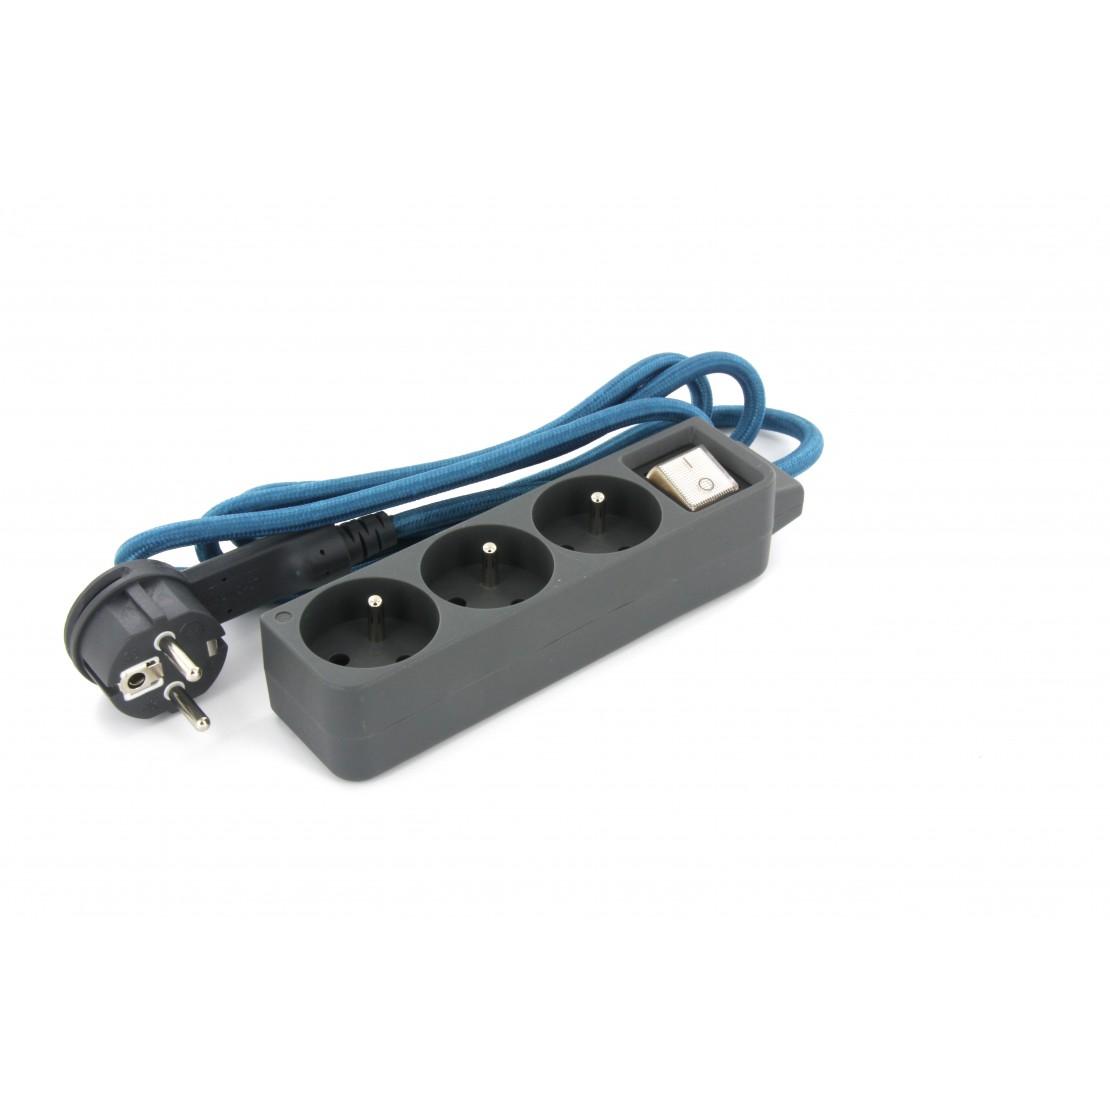 Mini bloc gris deco 3x16A + câble textile bleu 1,5m + fiche plate